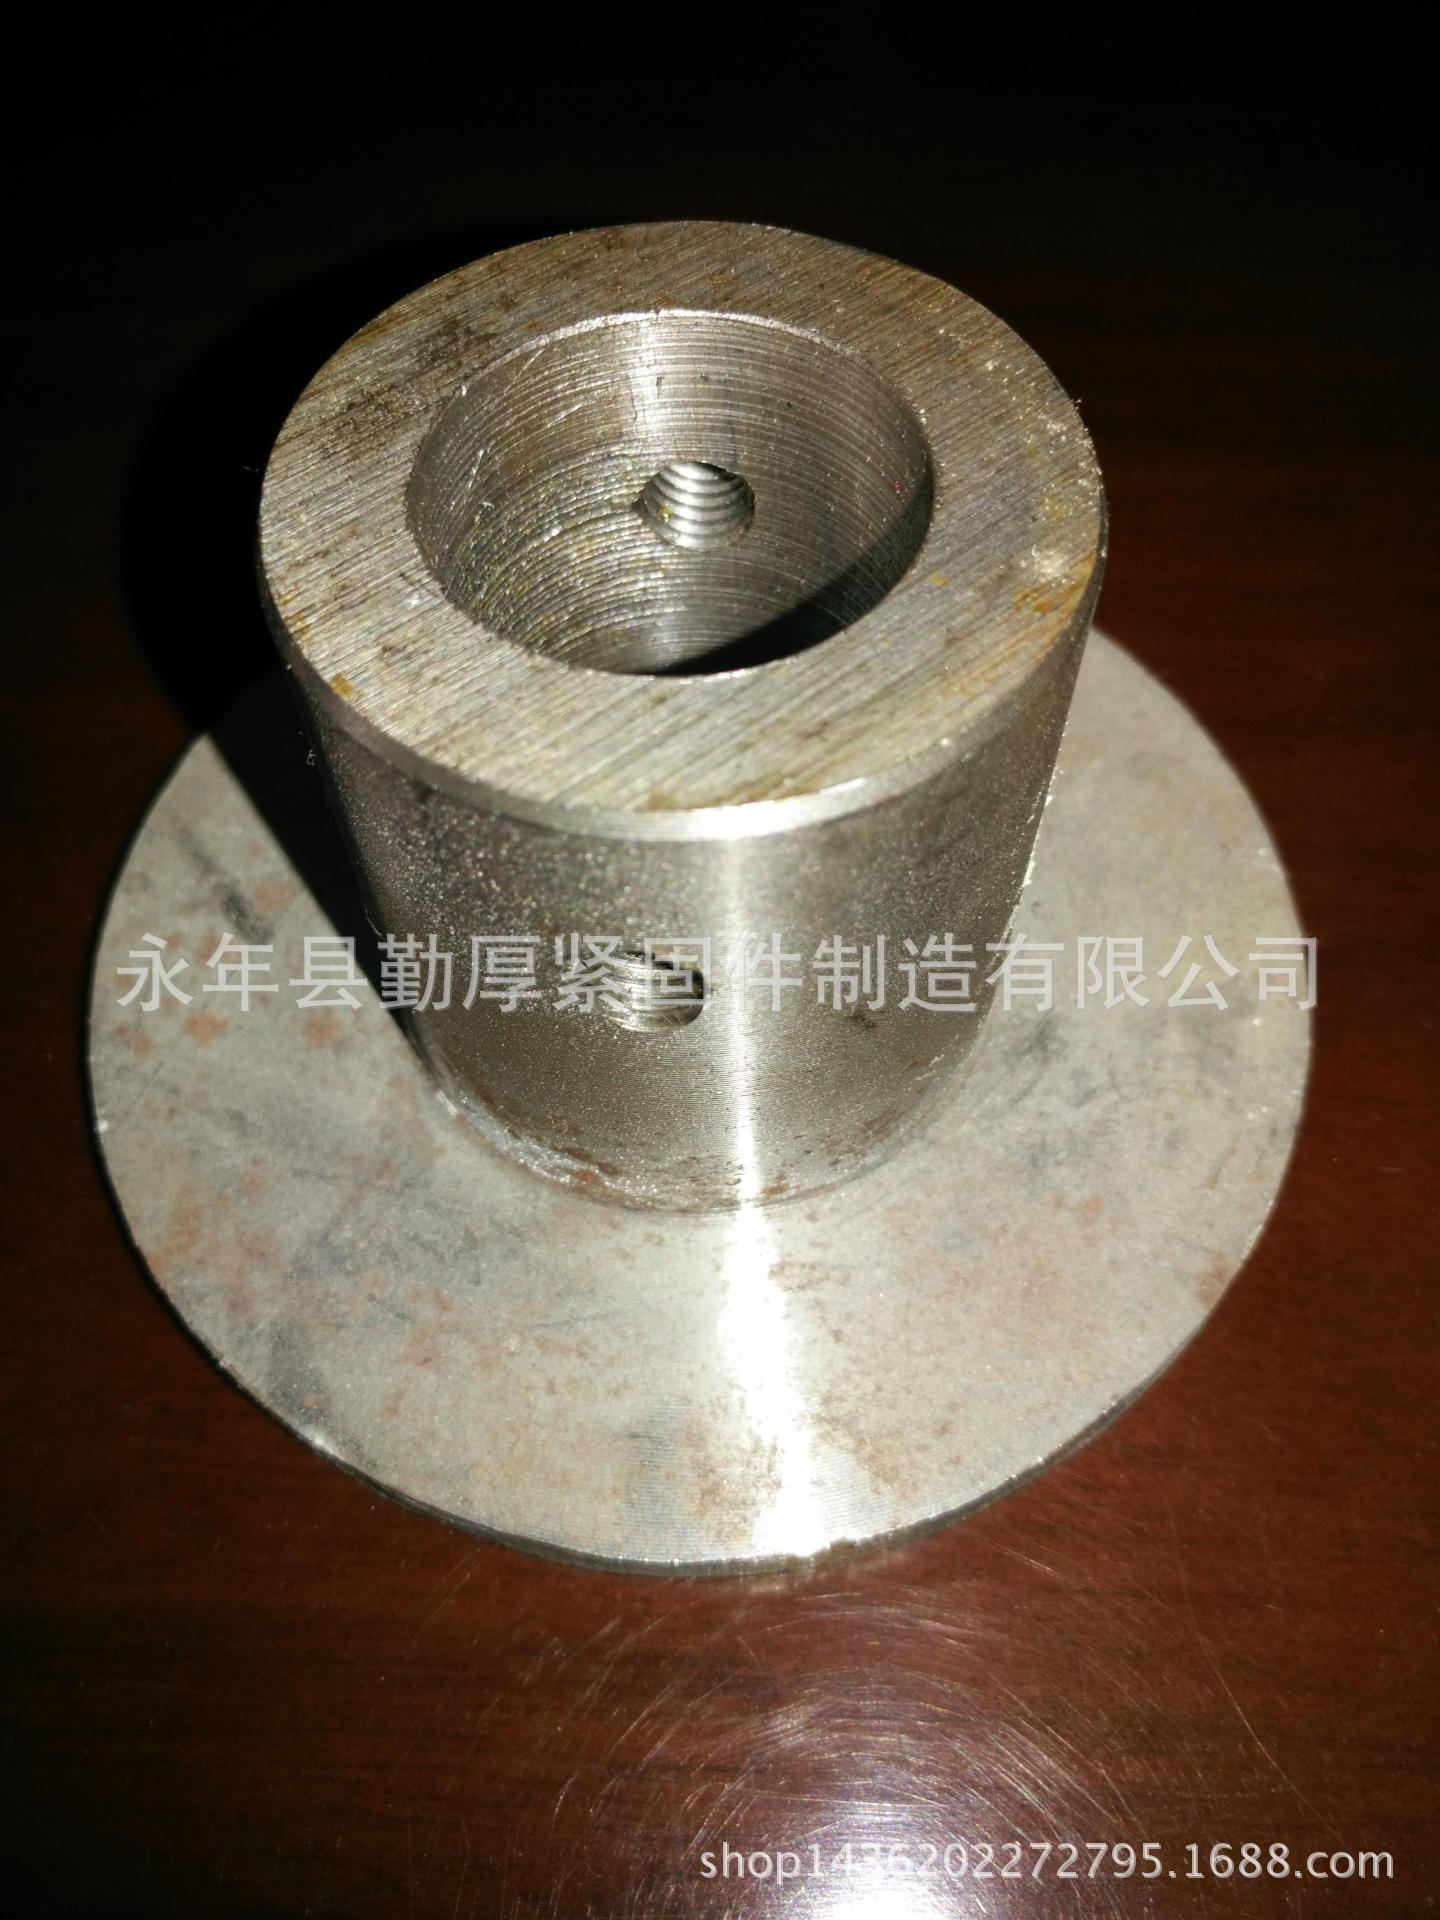 现货供应 各种规格·材质圆台螺母  非标螺母  非标丝杠